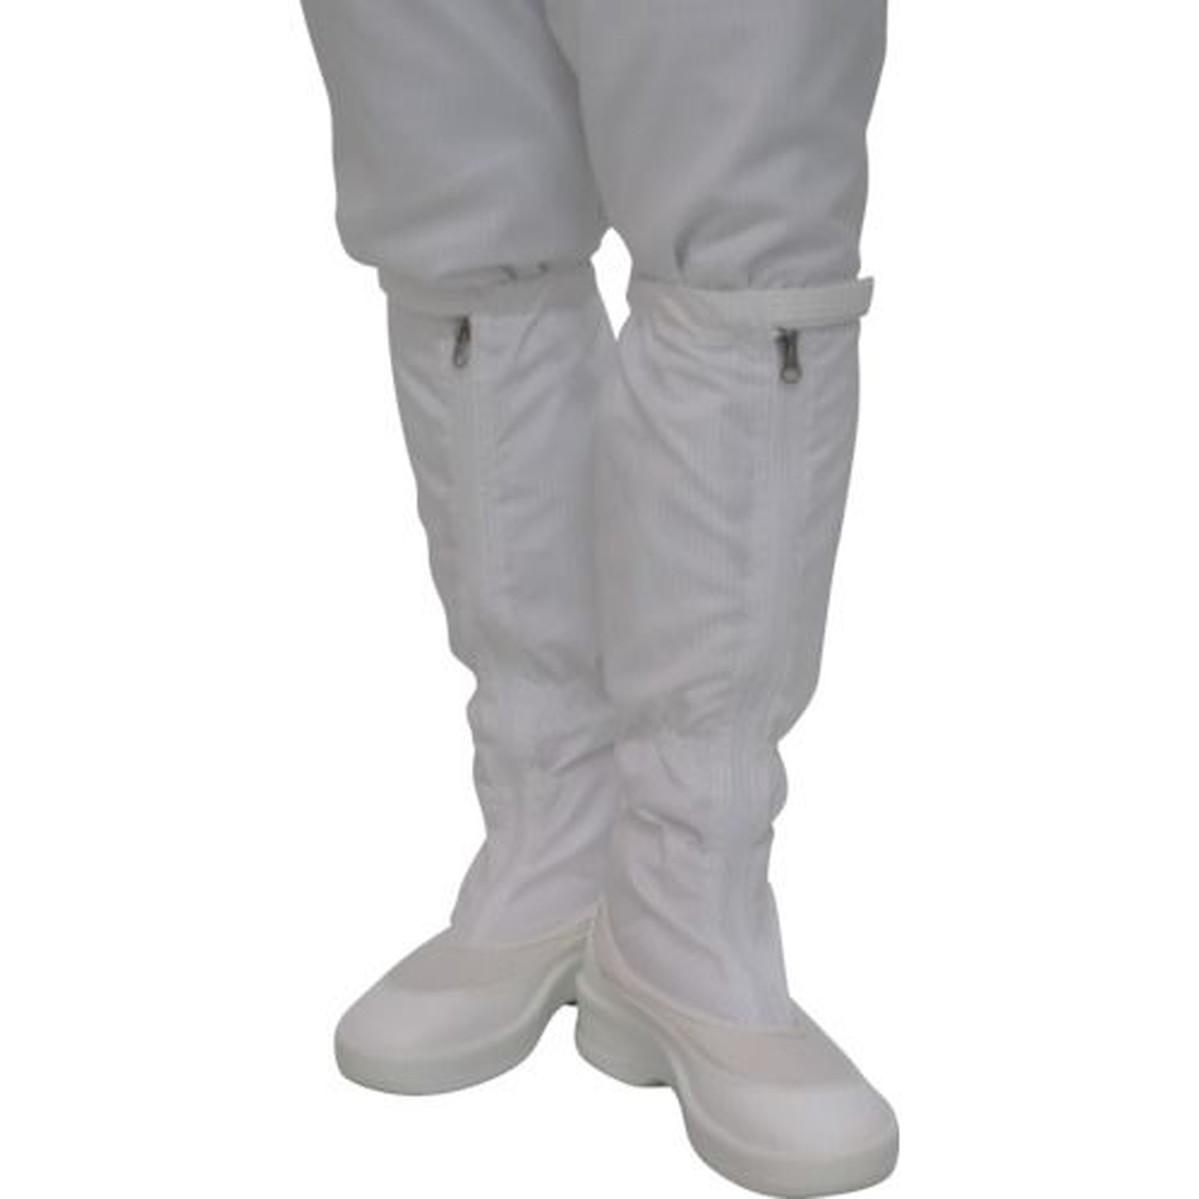 あす楽対応 大規模セール DIY用品 ゴールドウイン ファスナー付ロングブーツ 直営ストア ホワイト 23.5cm 1足